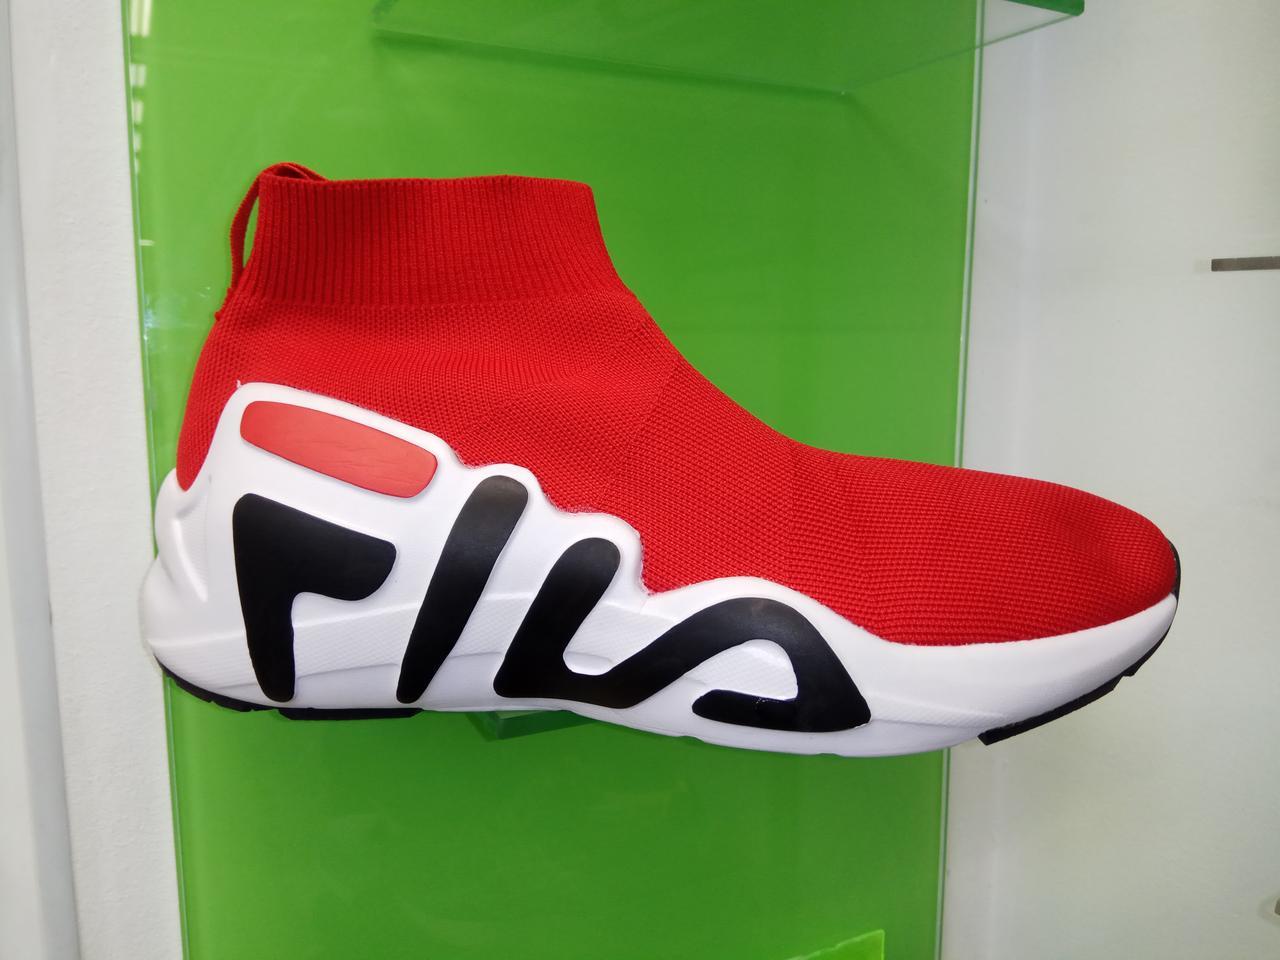 Женские сникерсы Fila red & white